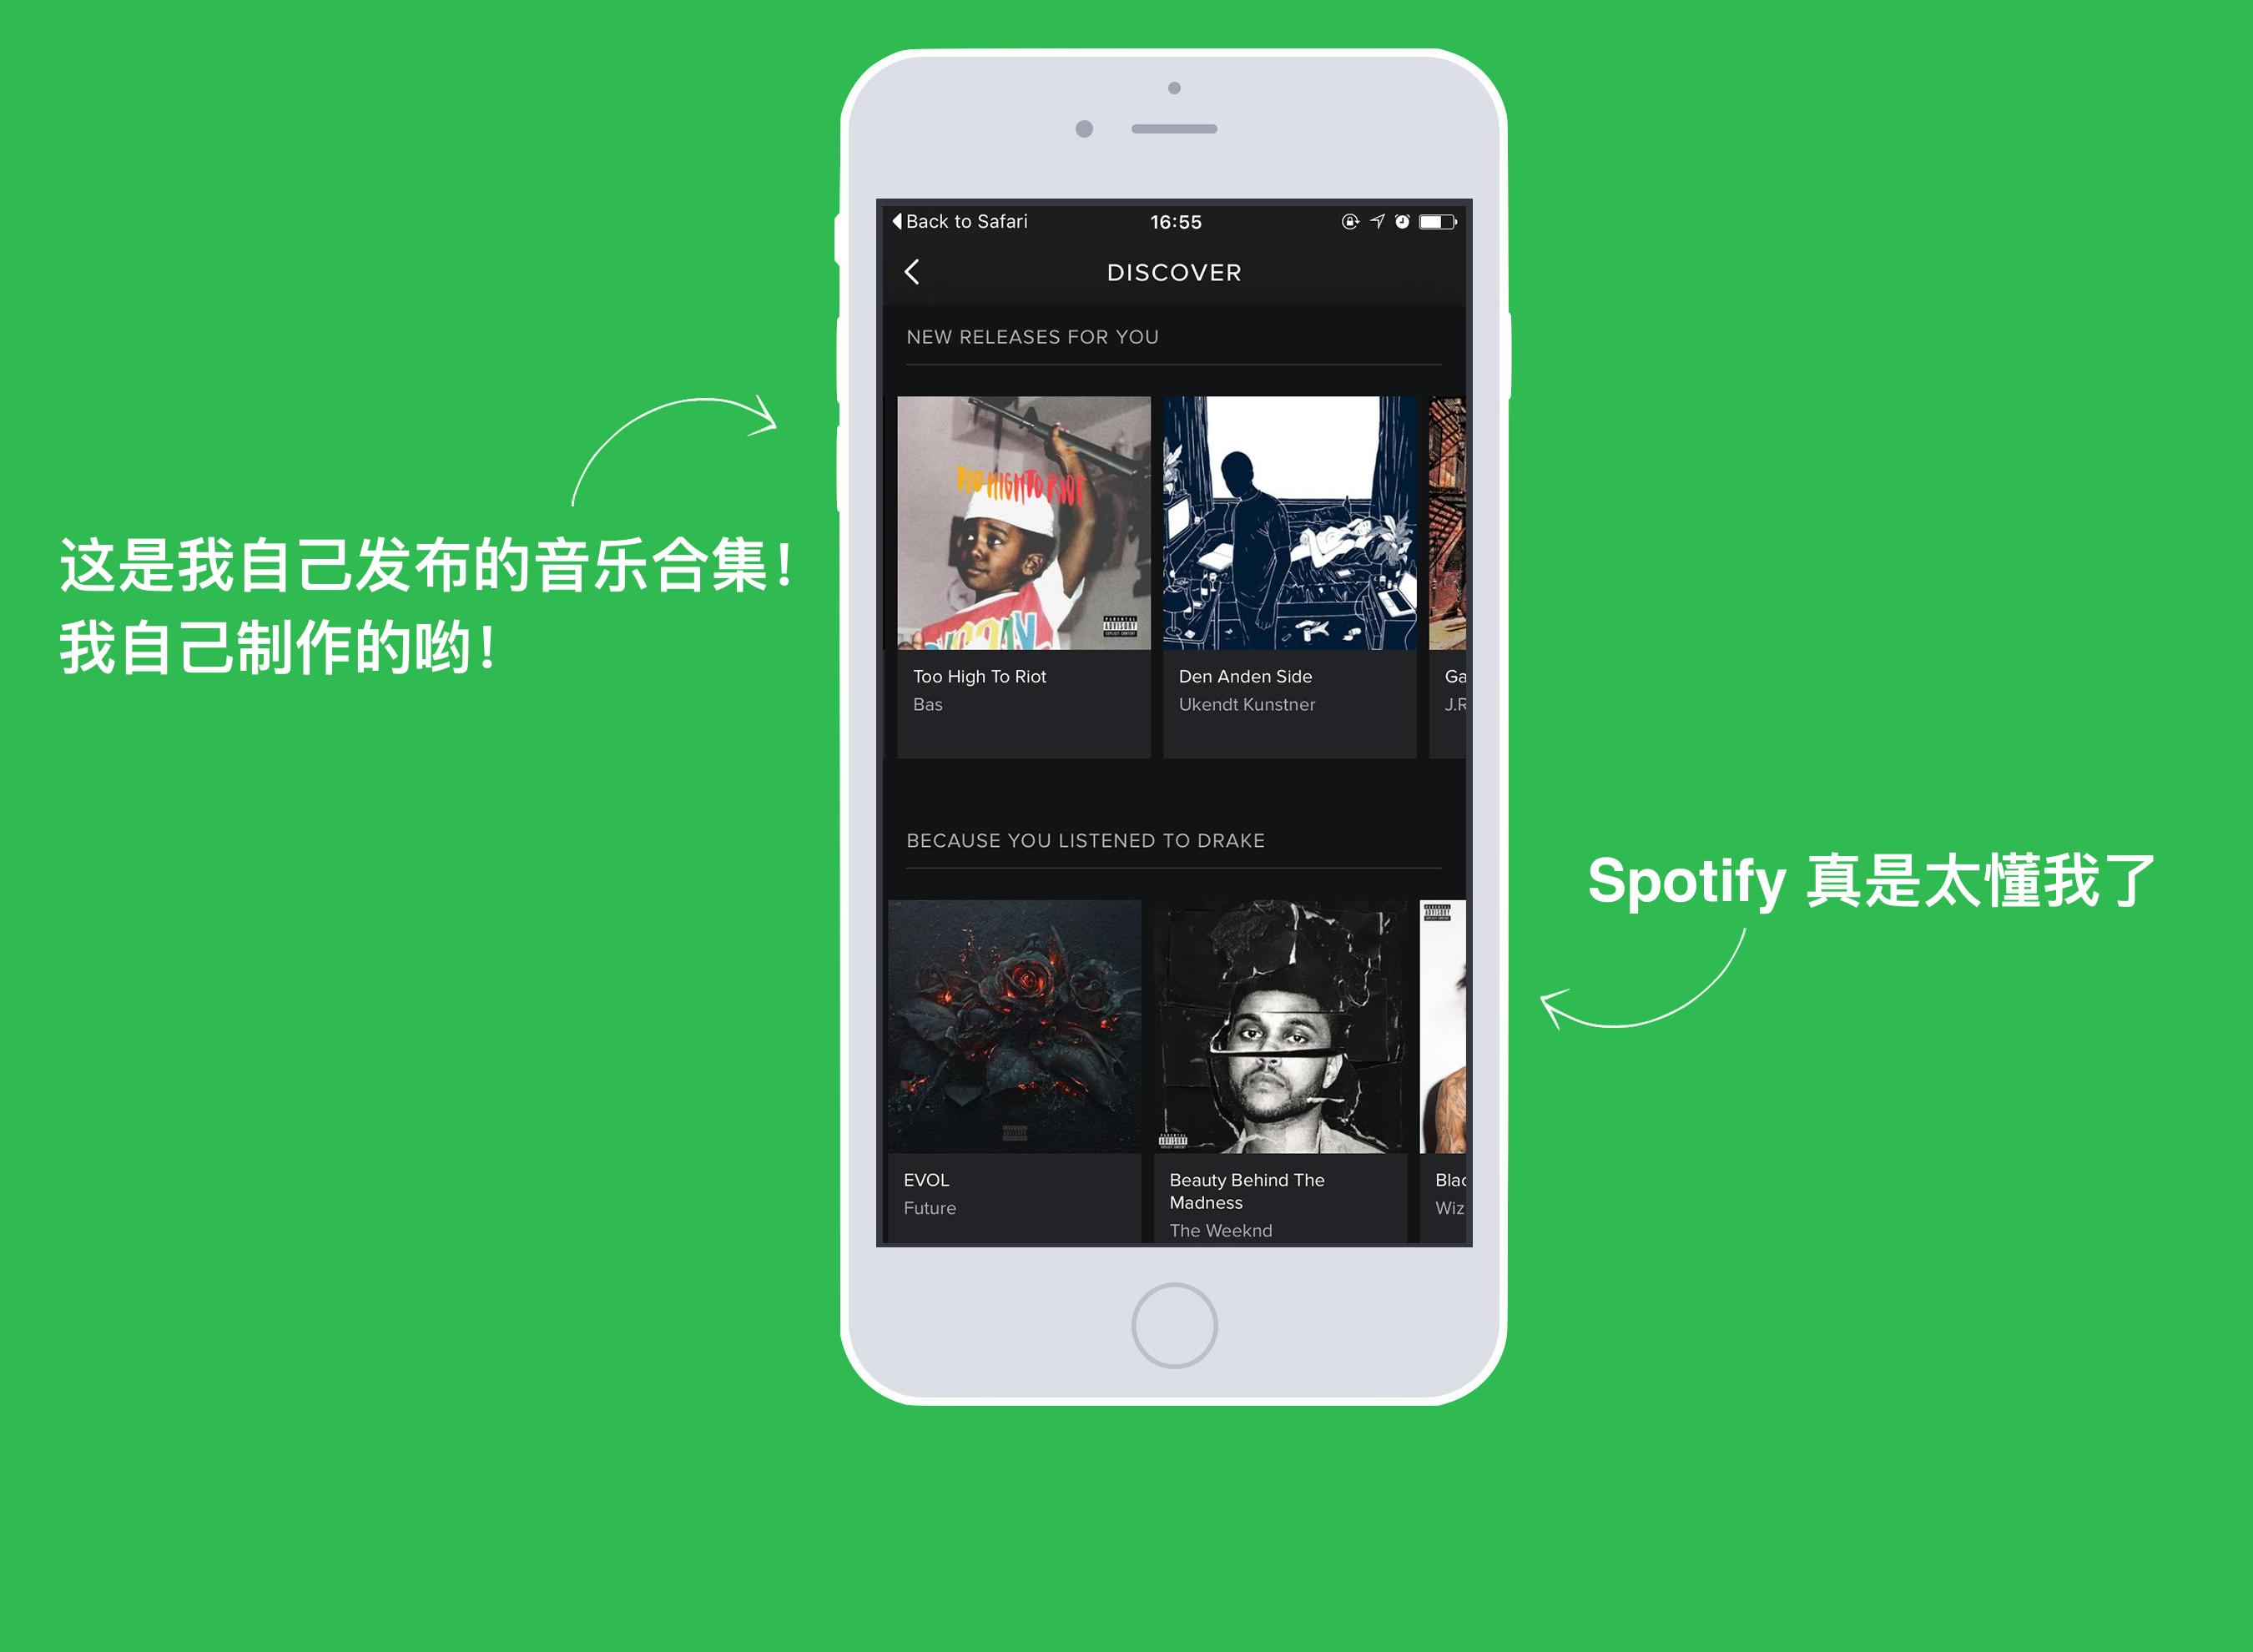 Spotify Personalization